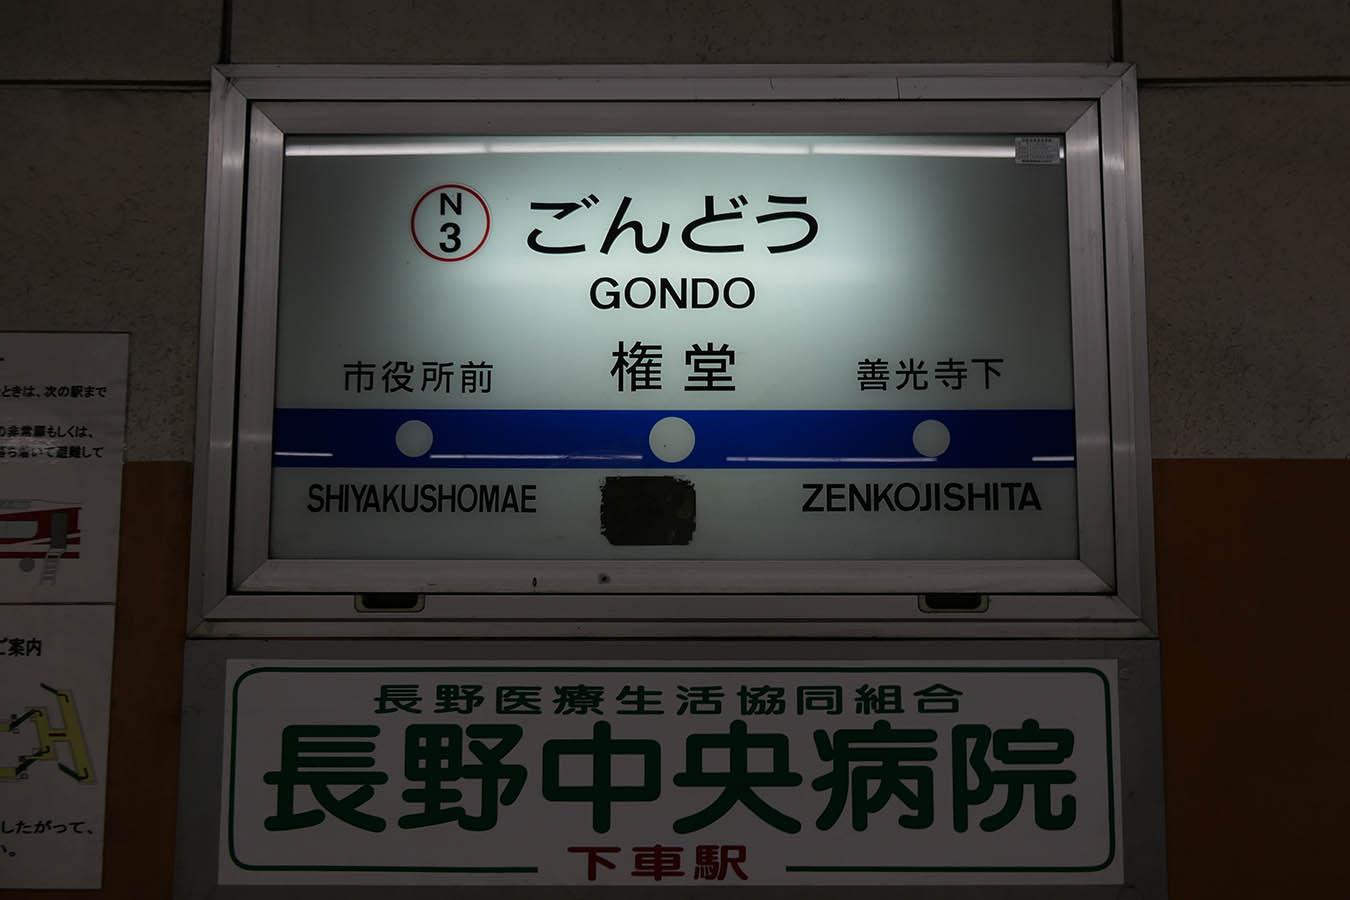 NAGANO-N3_photo05.jpg